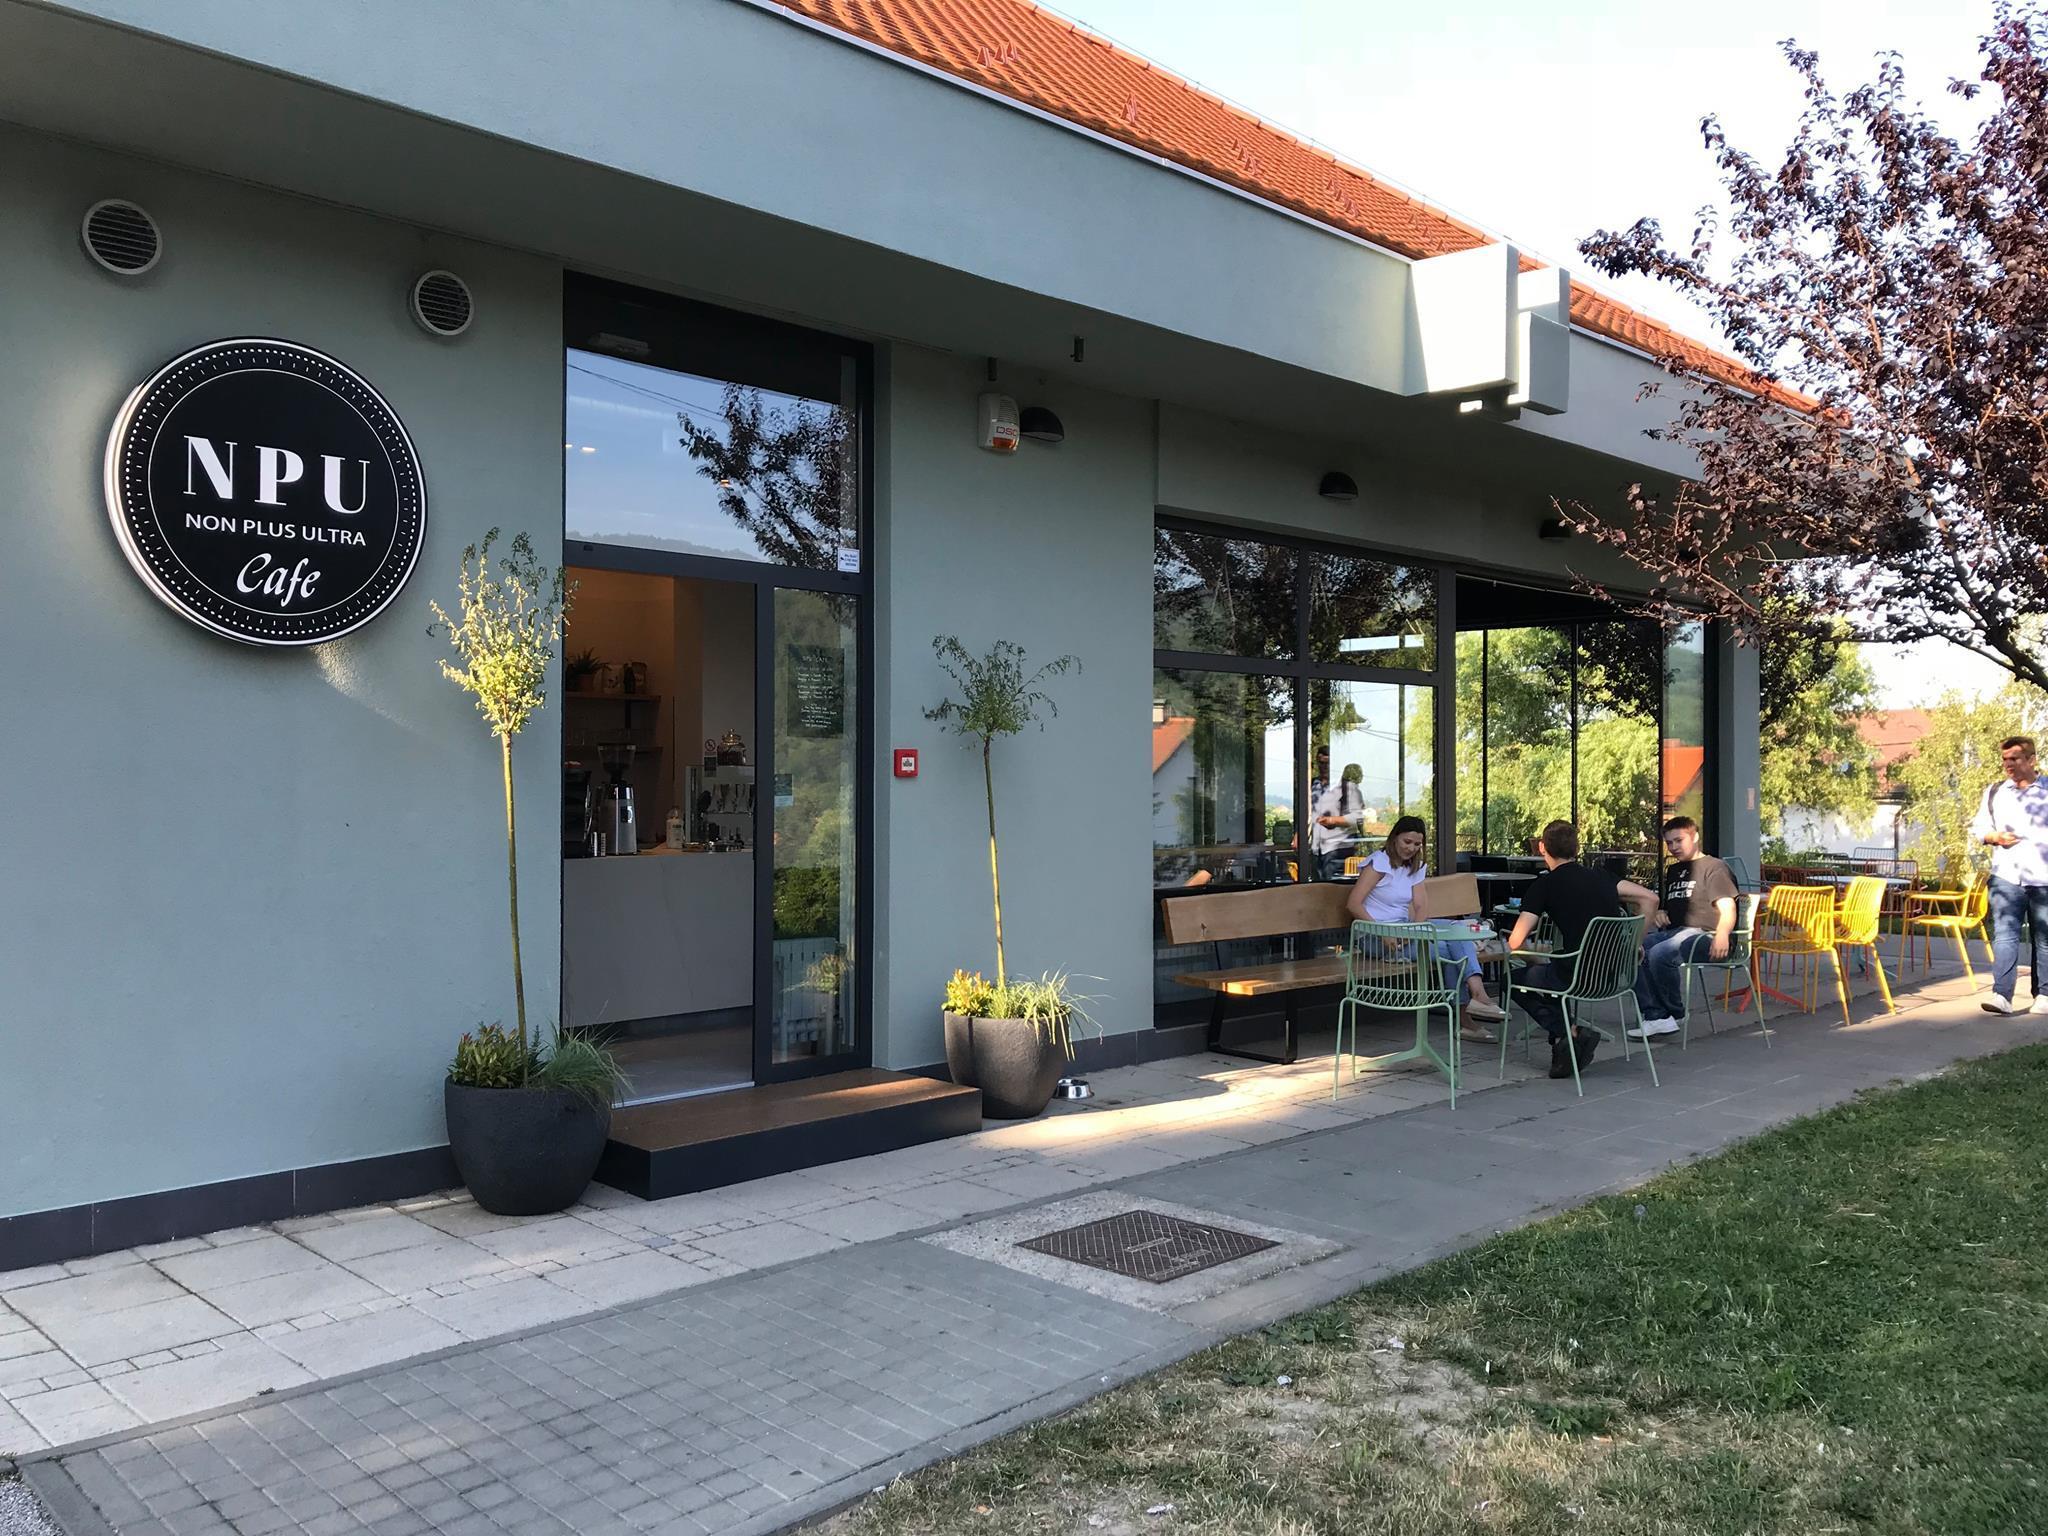 NPU - Ne Plus Ultra